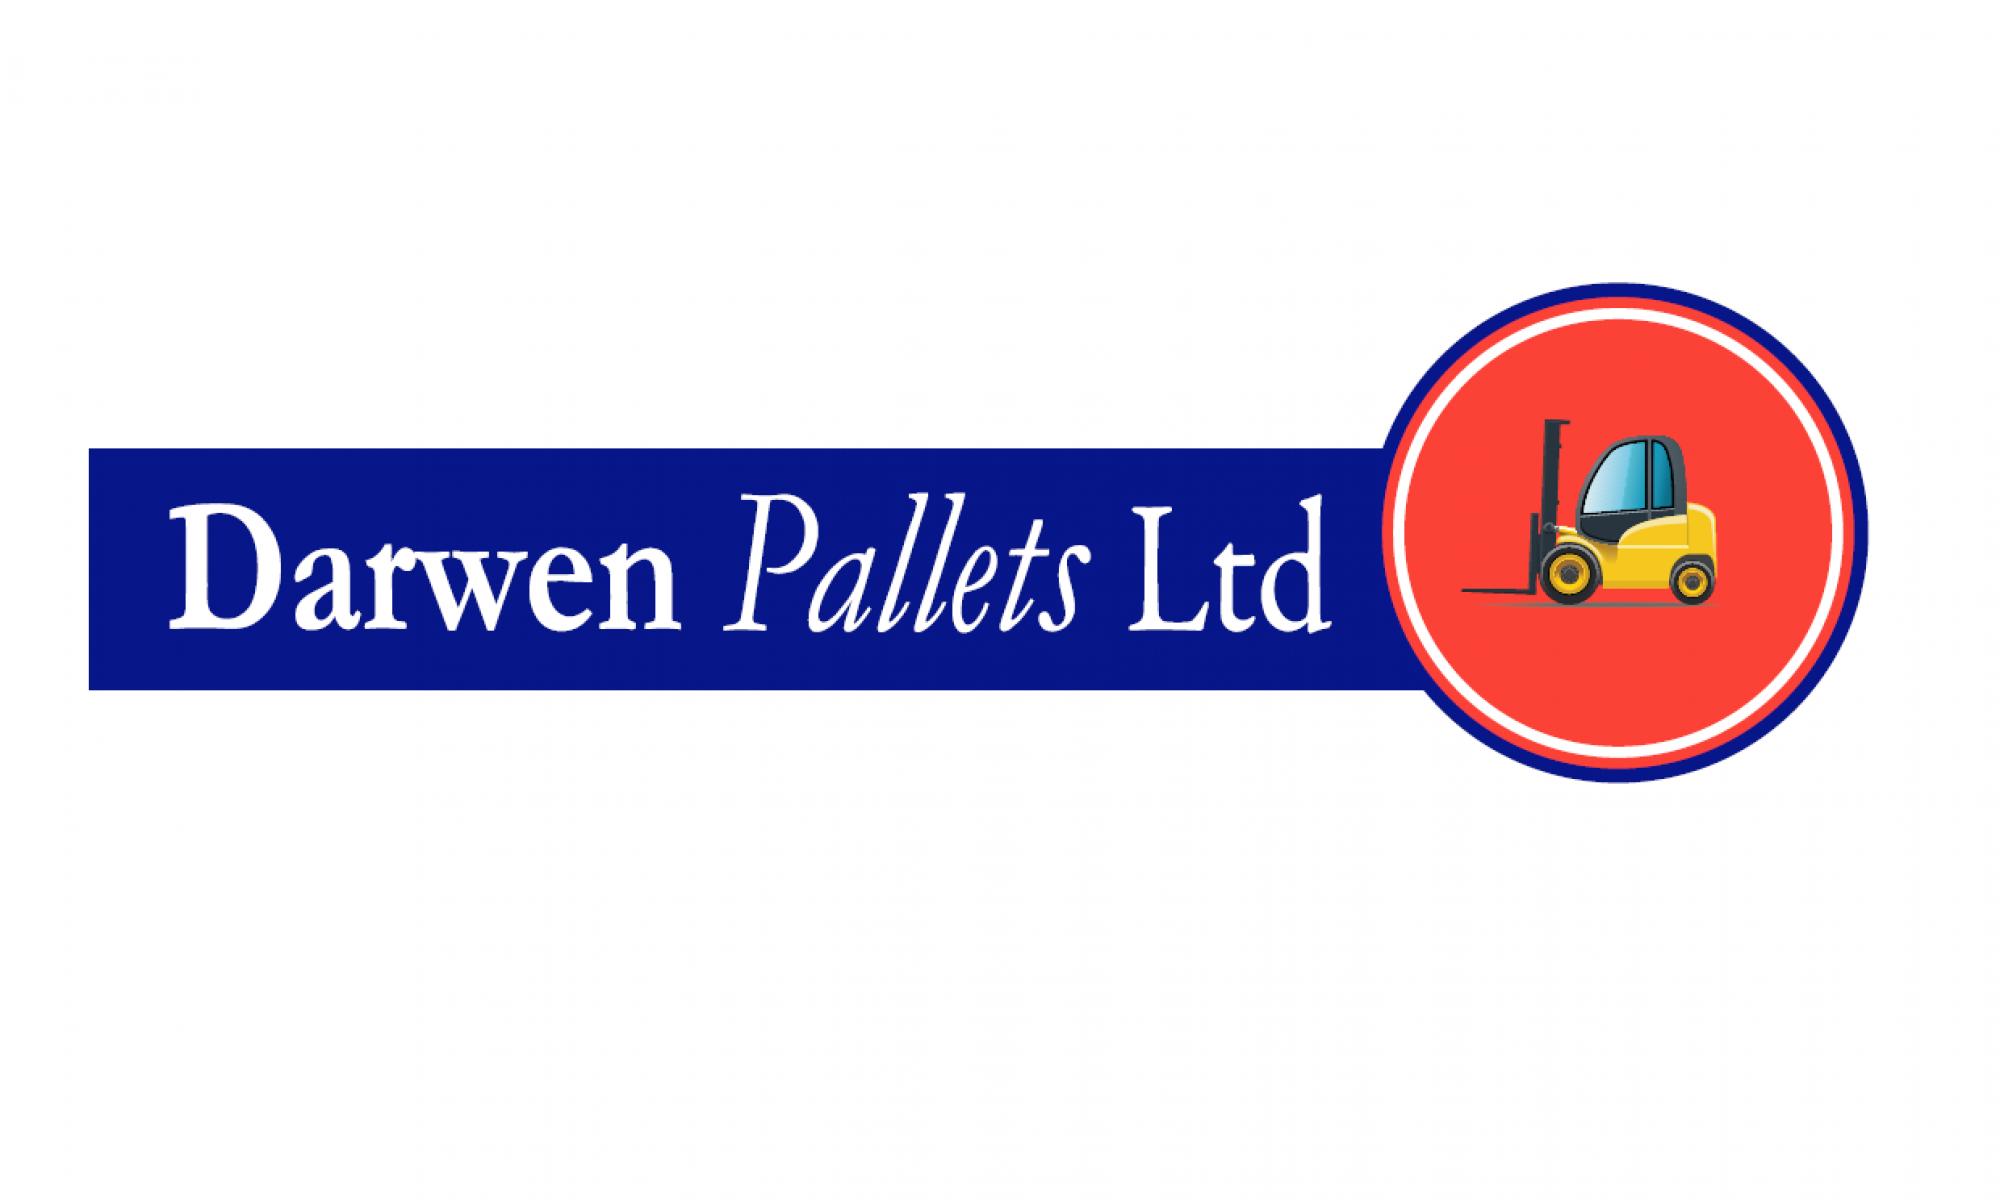 Darwen Pallets